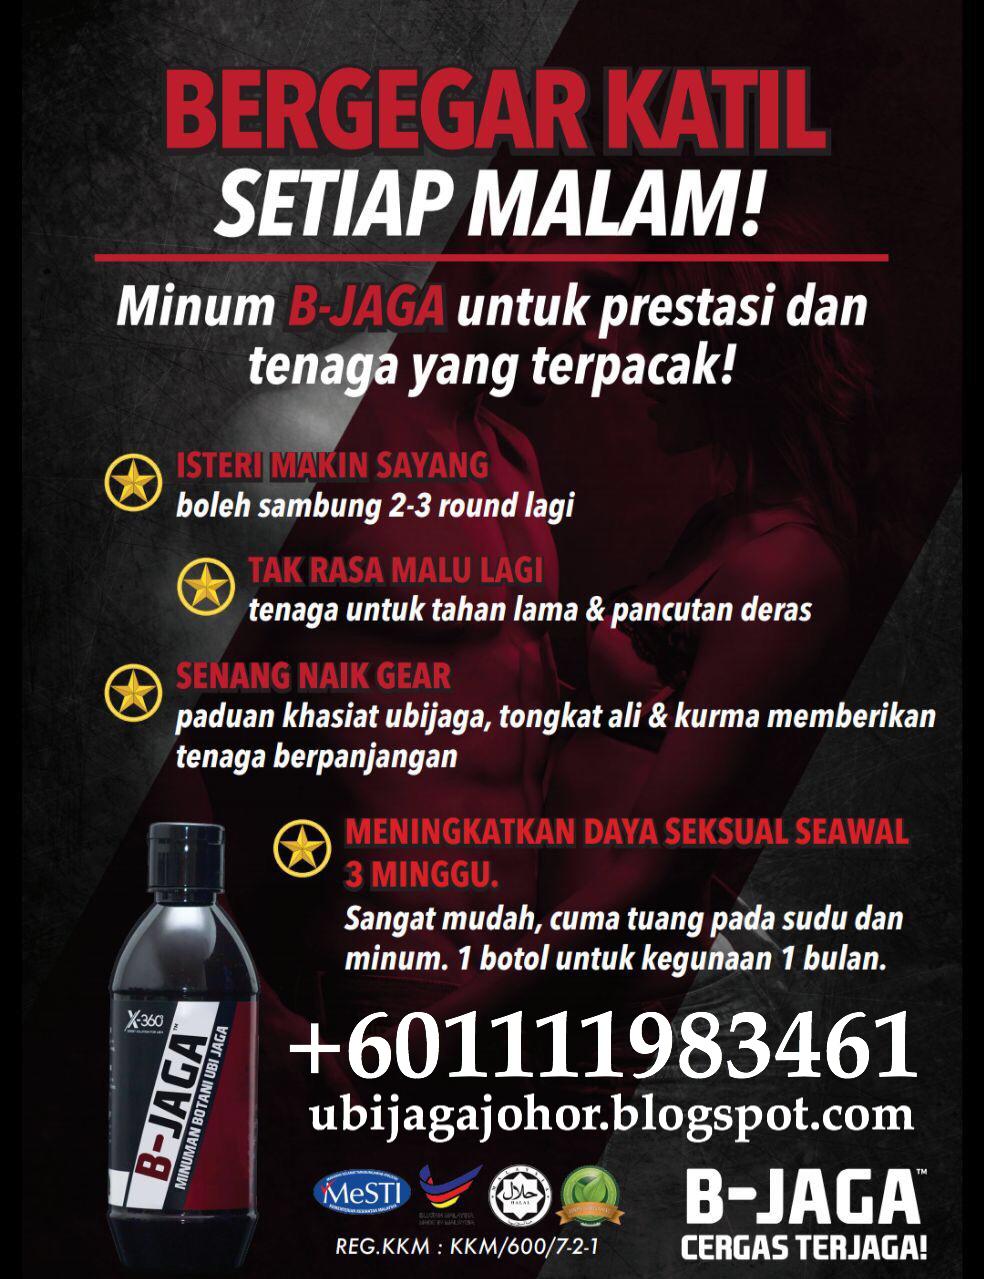 ubi jaga original   Ubi Jaga Johor +601111983461